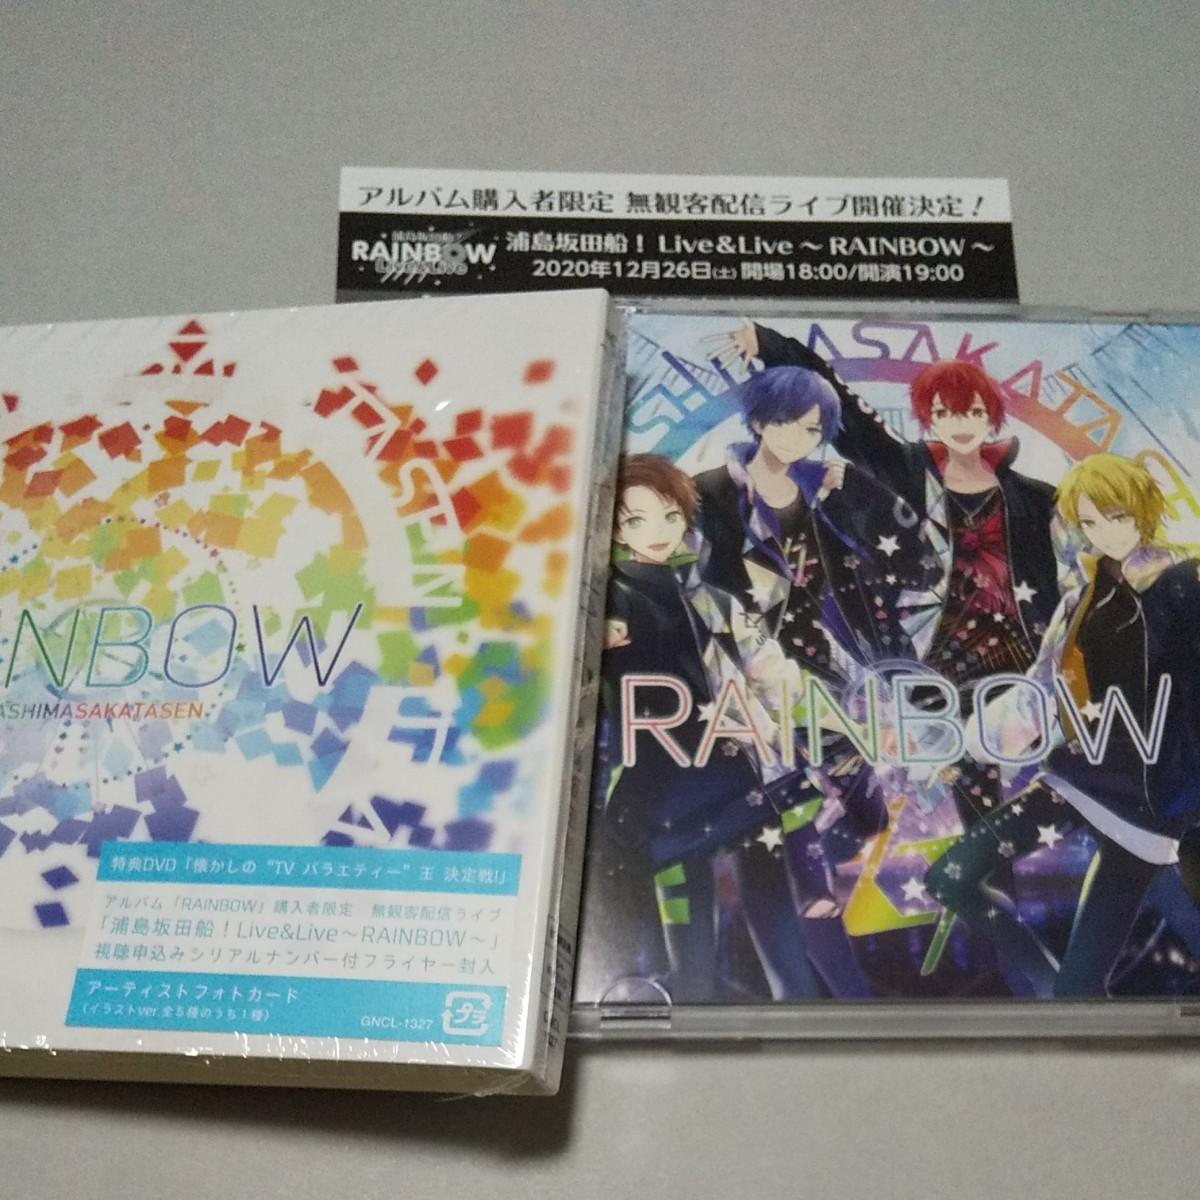 浦島 坂田 船 rainbow